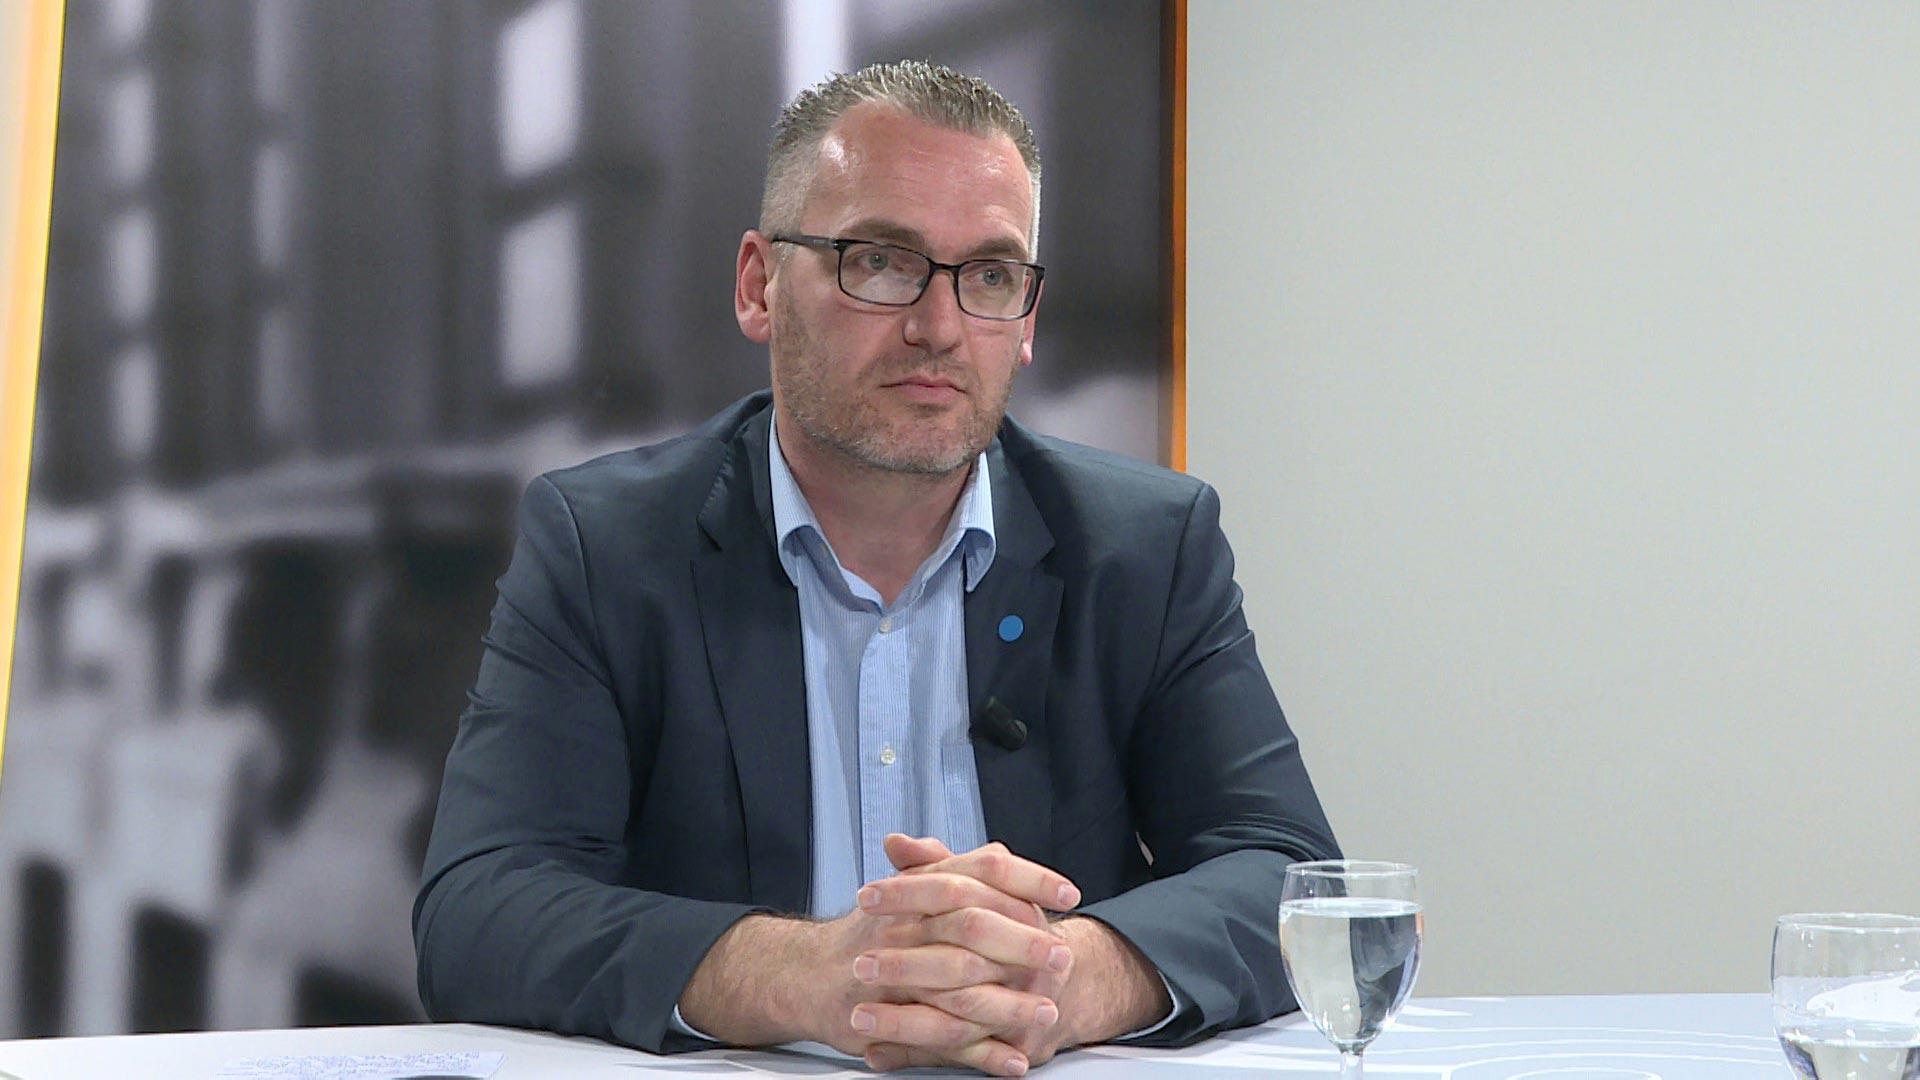 Studio Vlaams Parlement: Jo De Ro over de dalende kwaliteit van het onderwijs in Vlaanderen